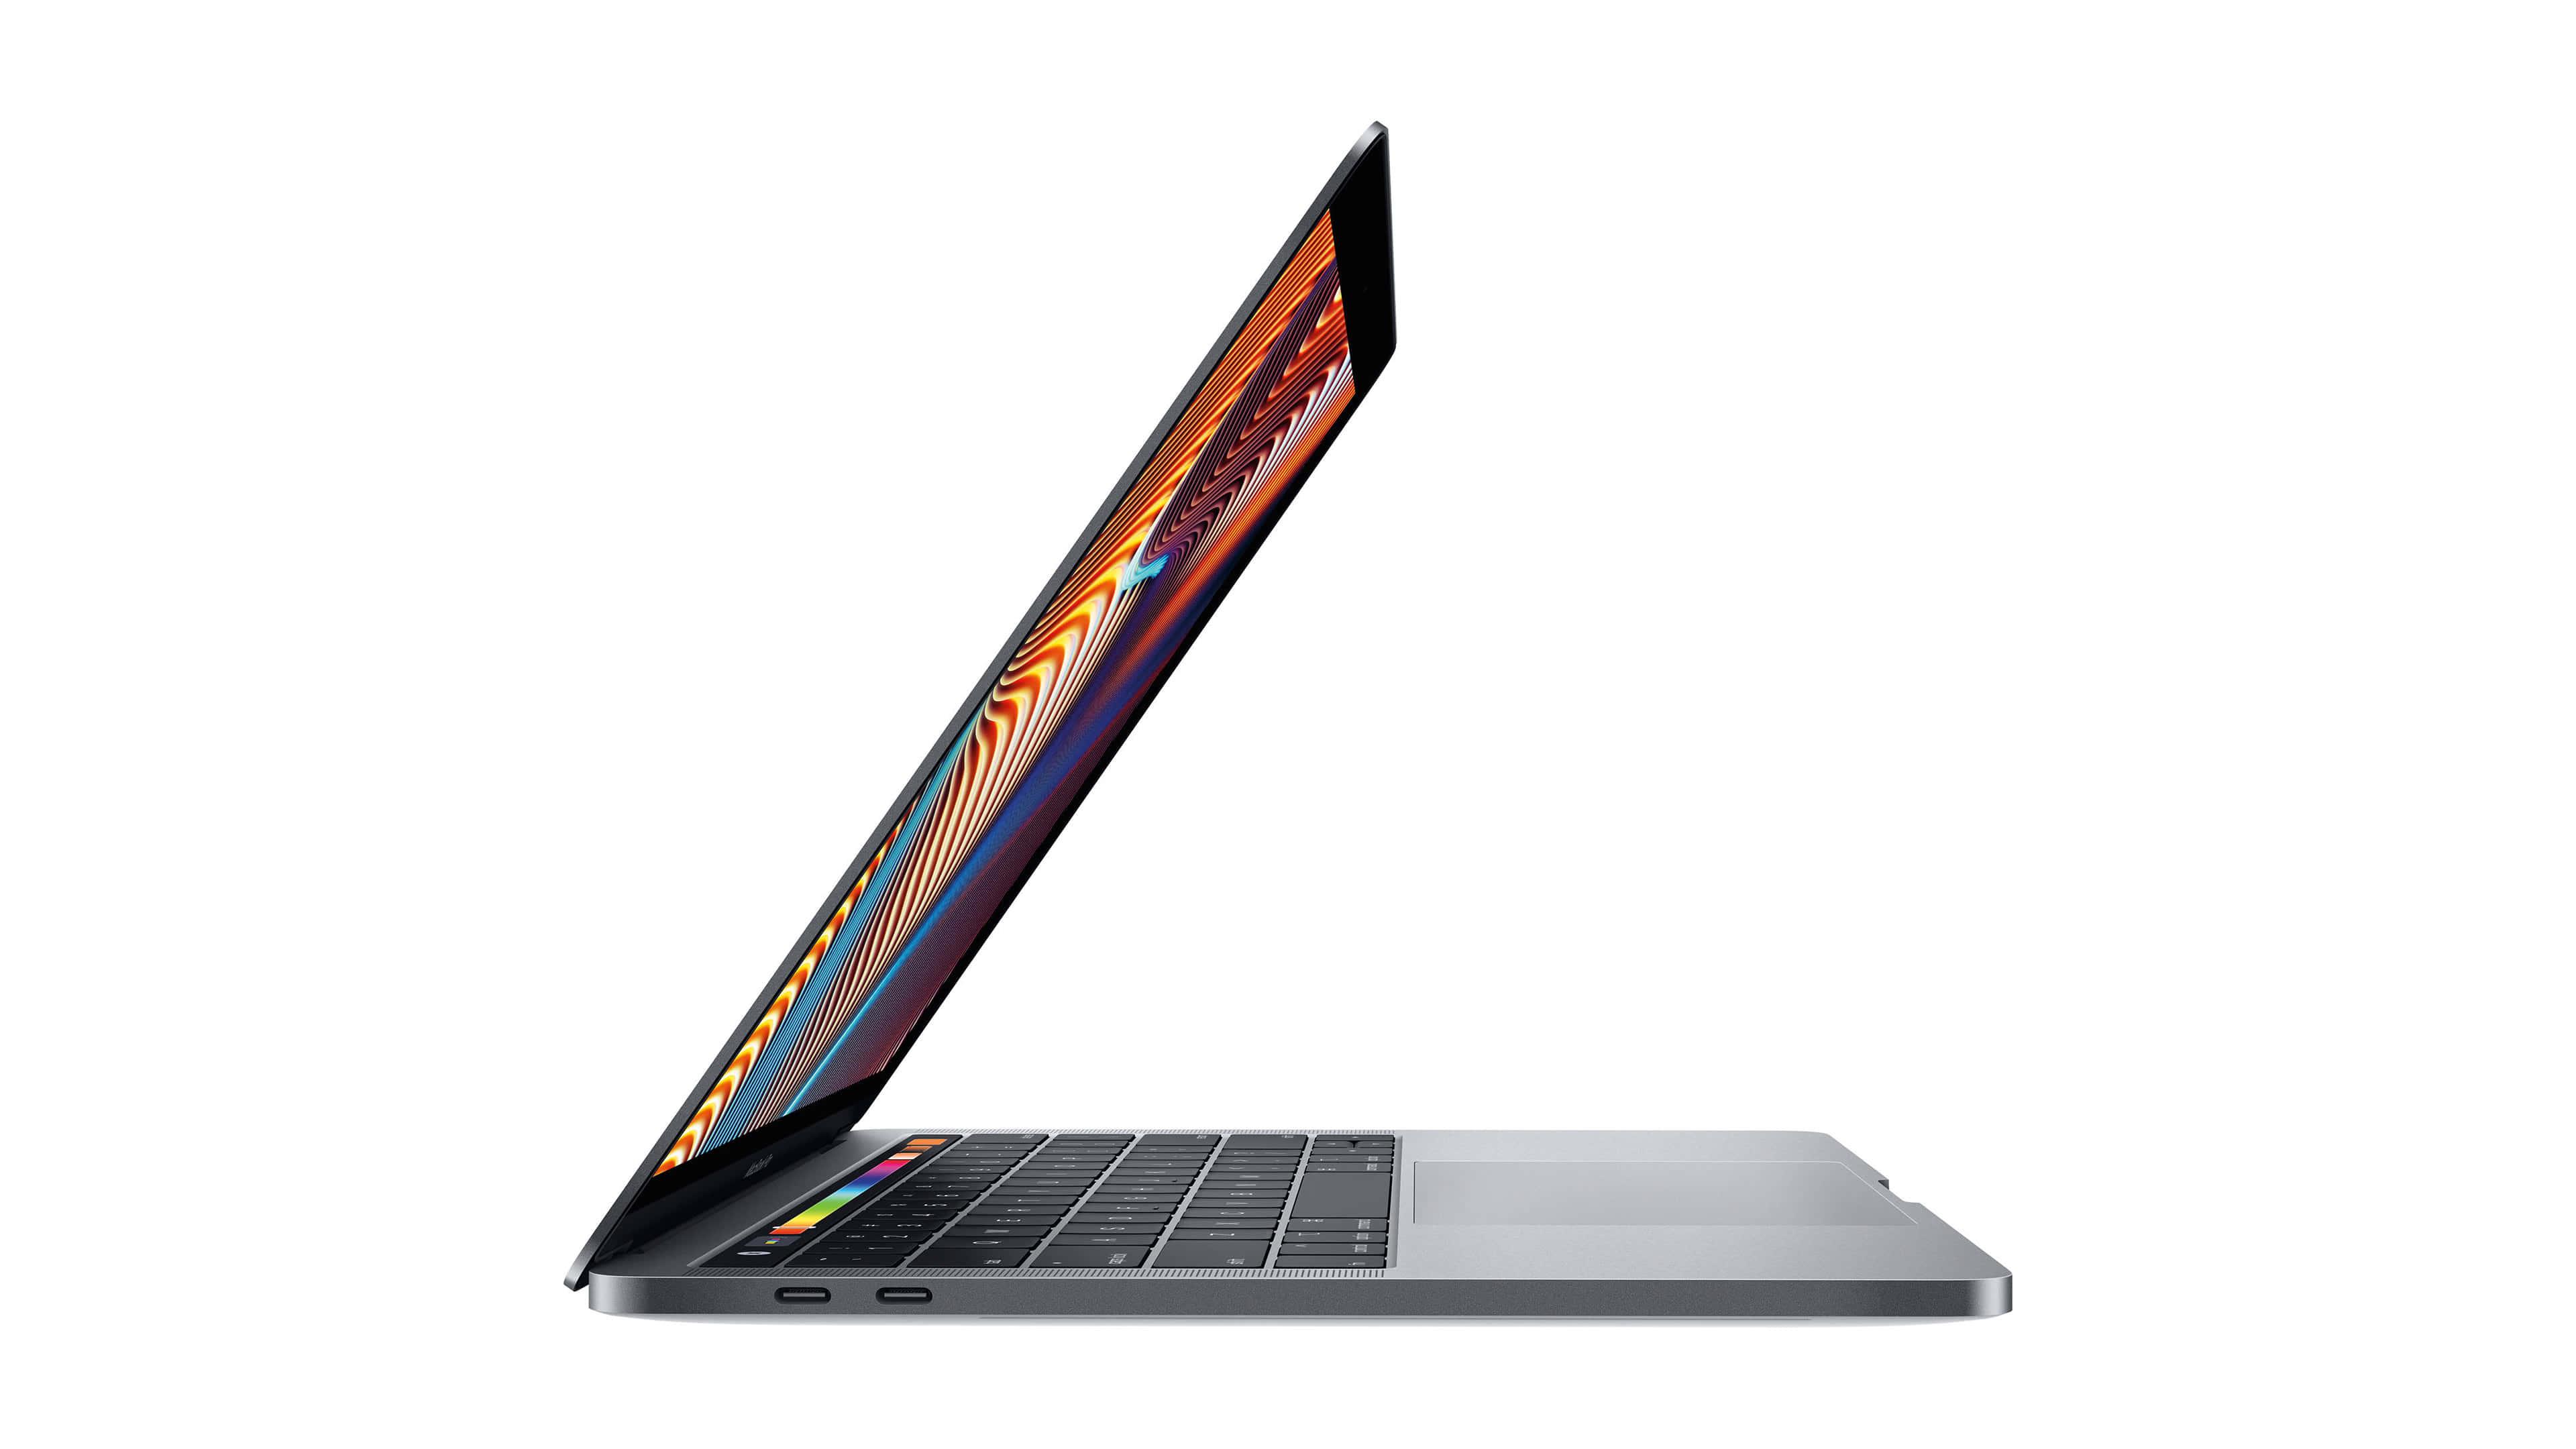 apple macbook pro 13.3 side uhd 4k wallpaper